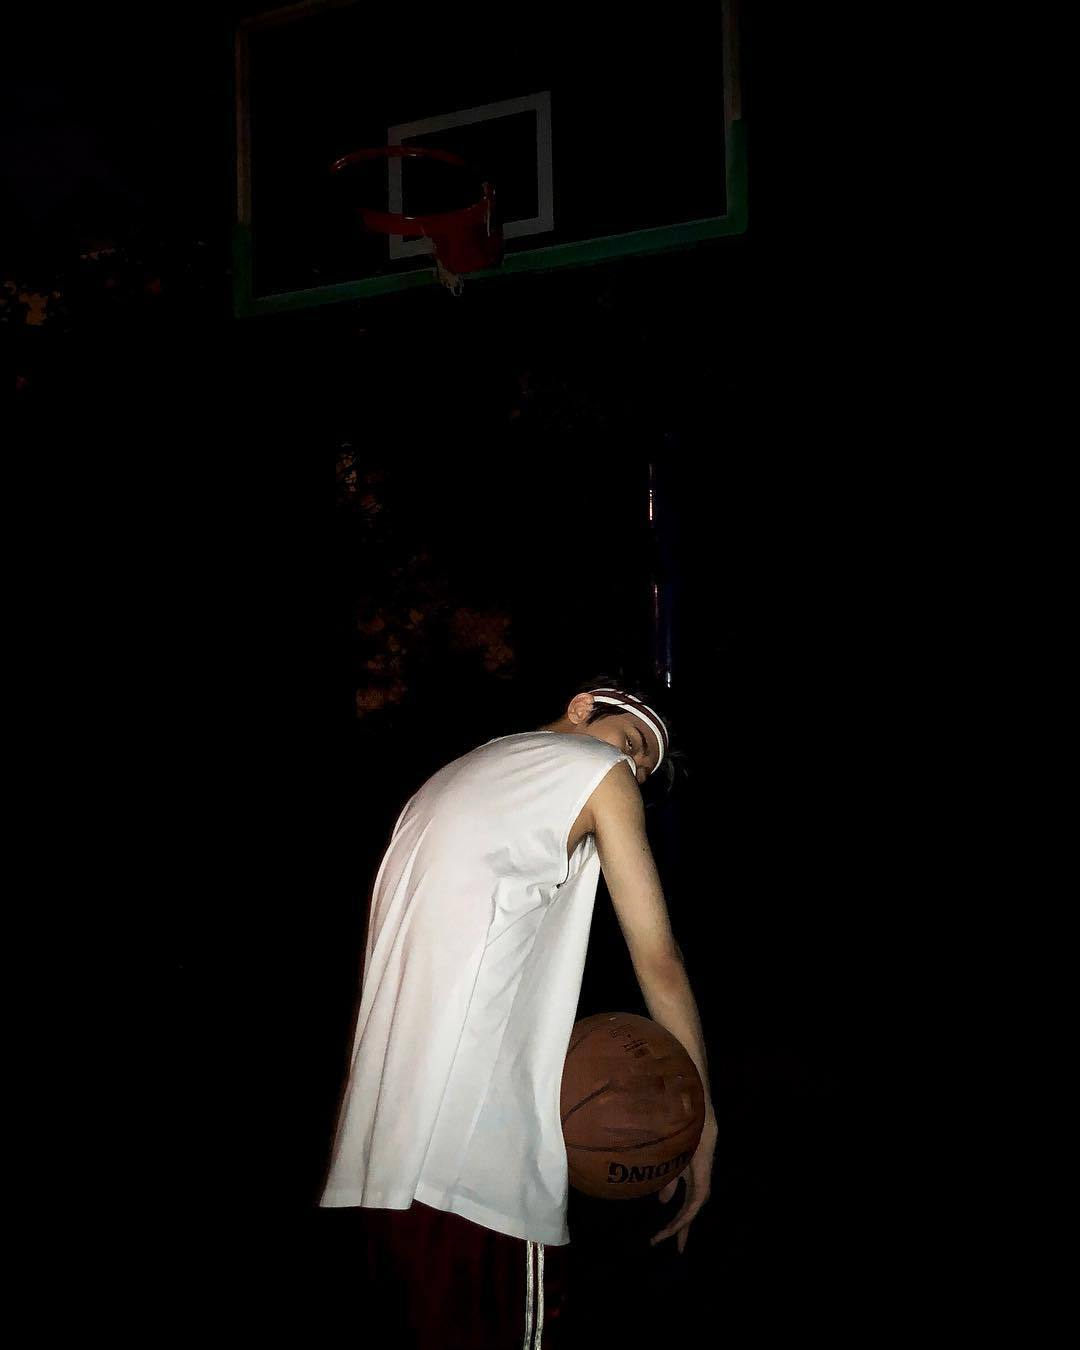 明星篮球能力展示:潘玮柏真校队蔡徐坤实力堪忧